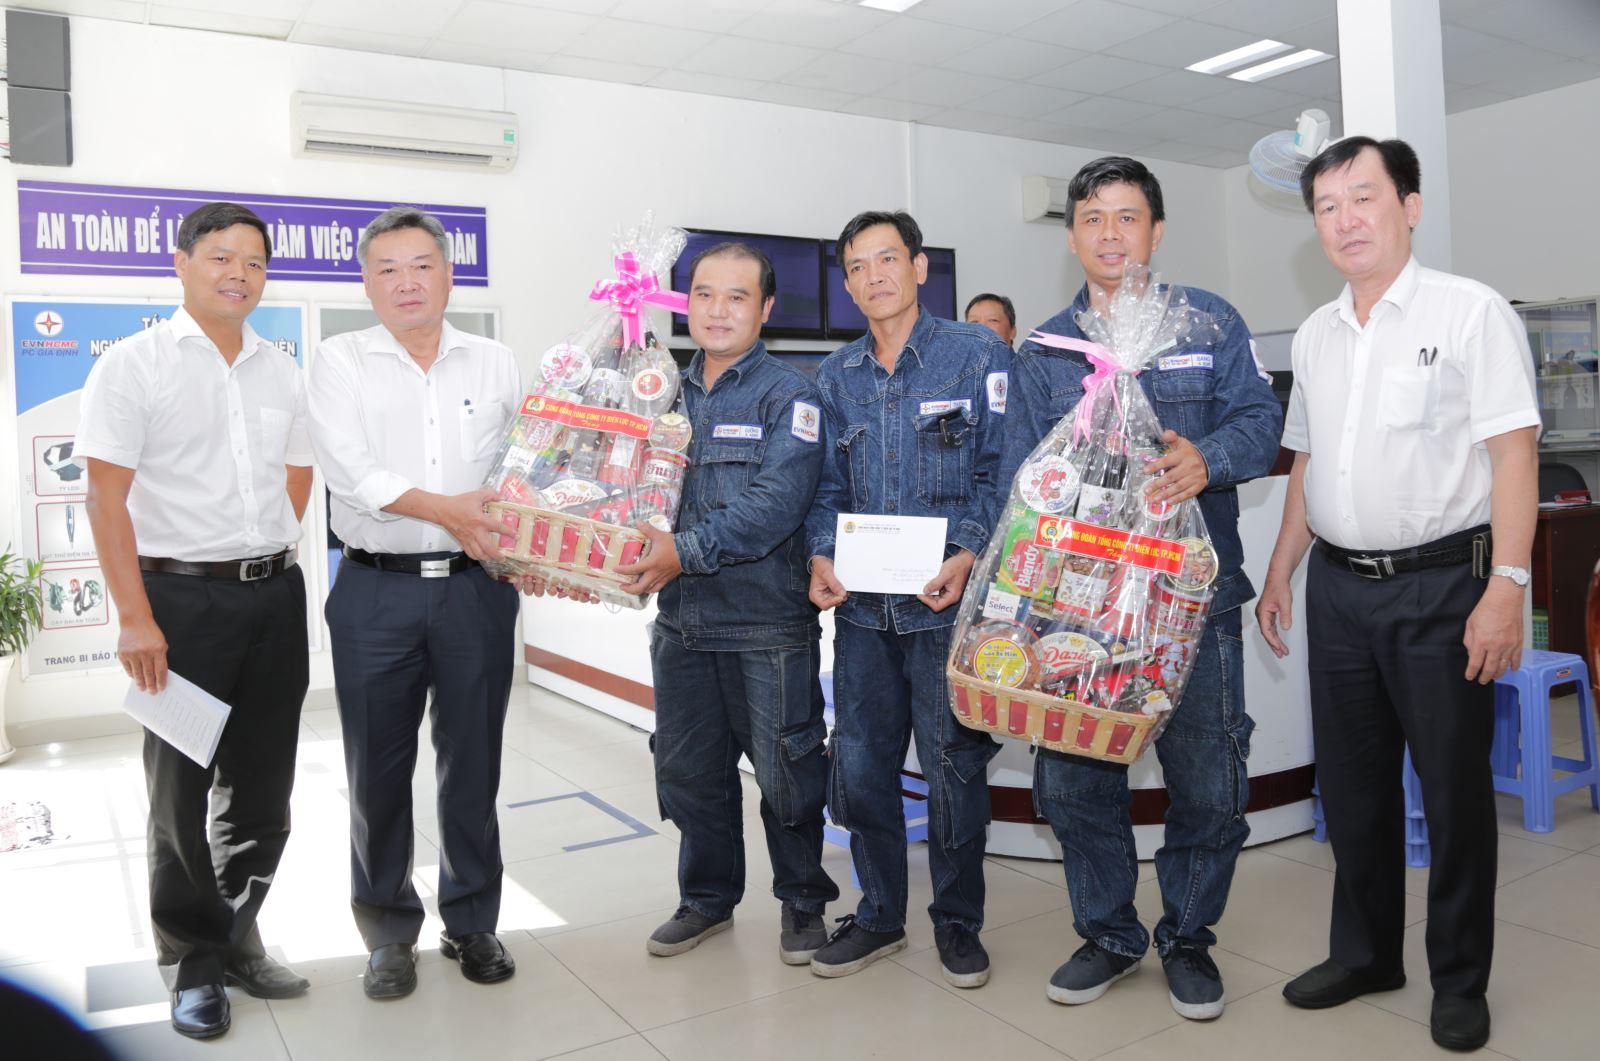 Lãnh đạo Tổng công ty Điện lực TP Hồ Chí Minh thăm, tặng quà công nhân